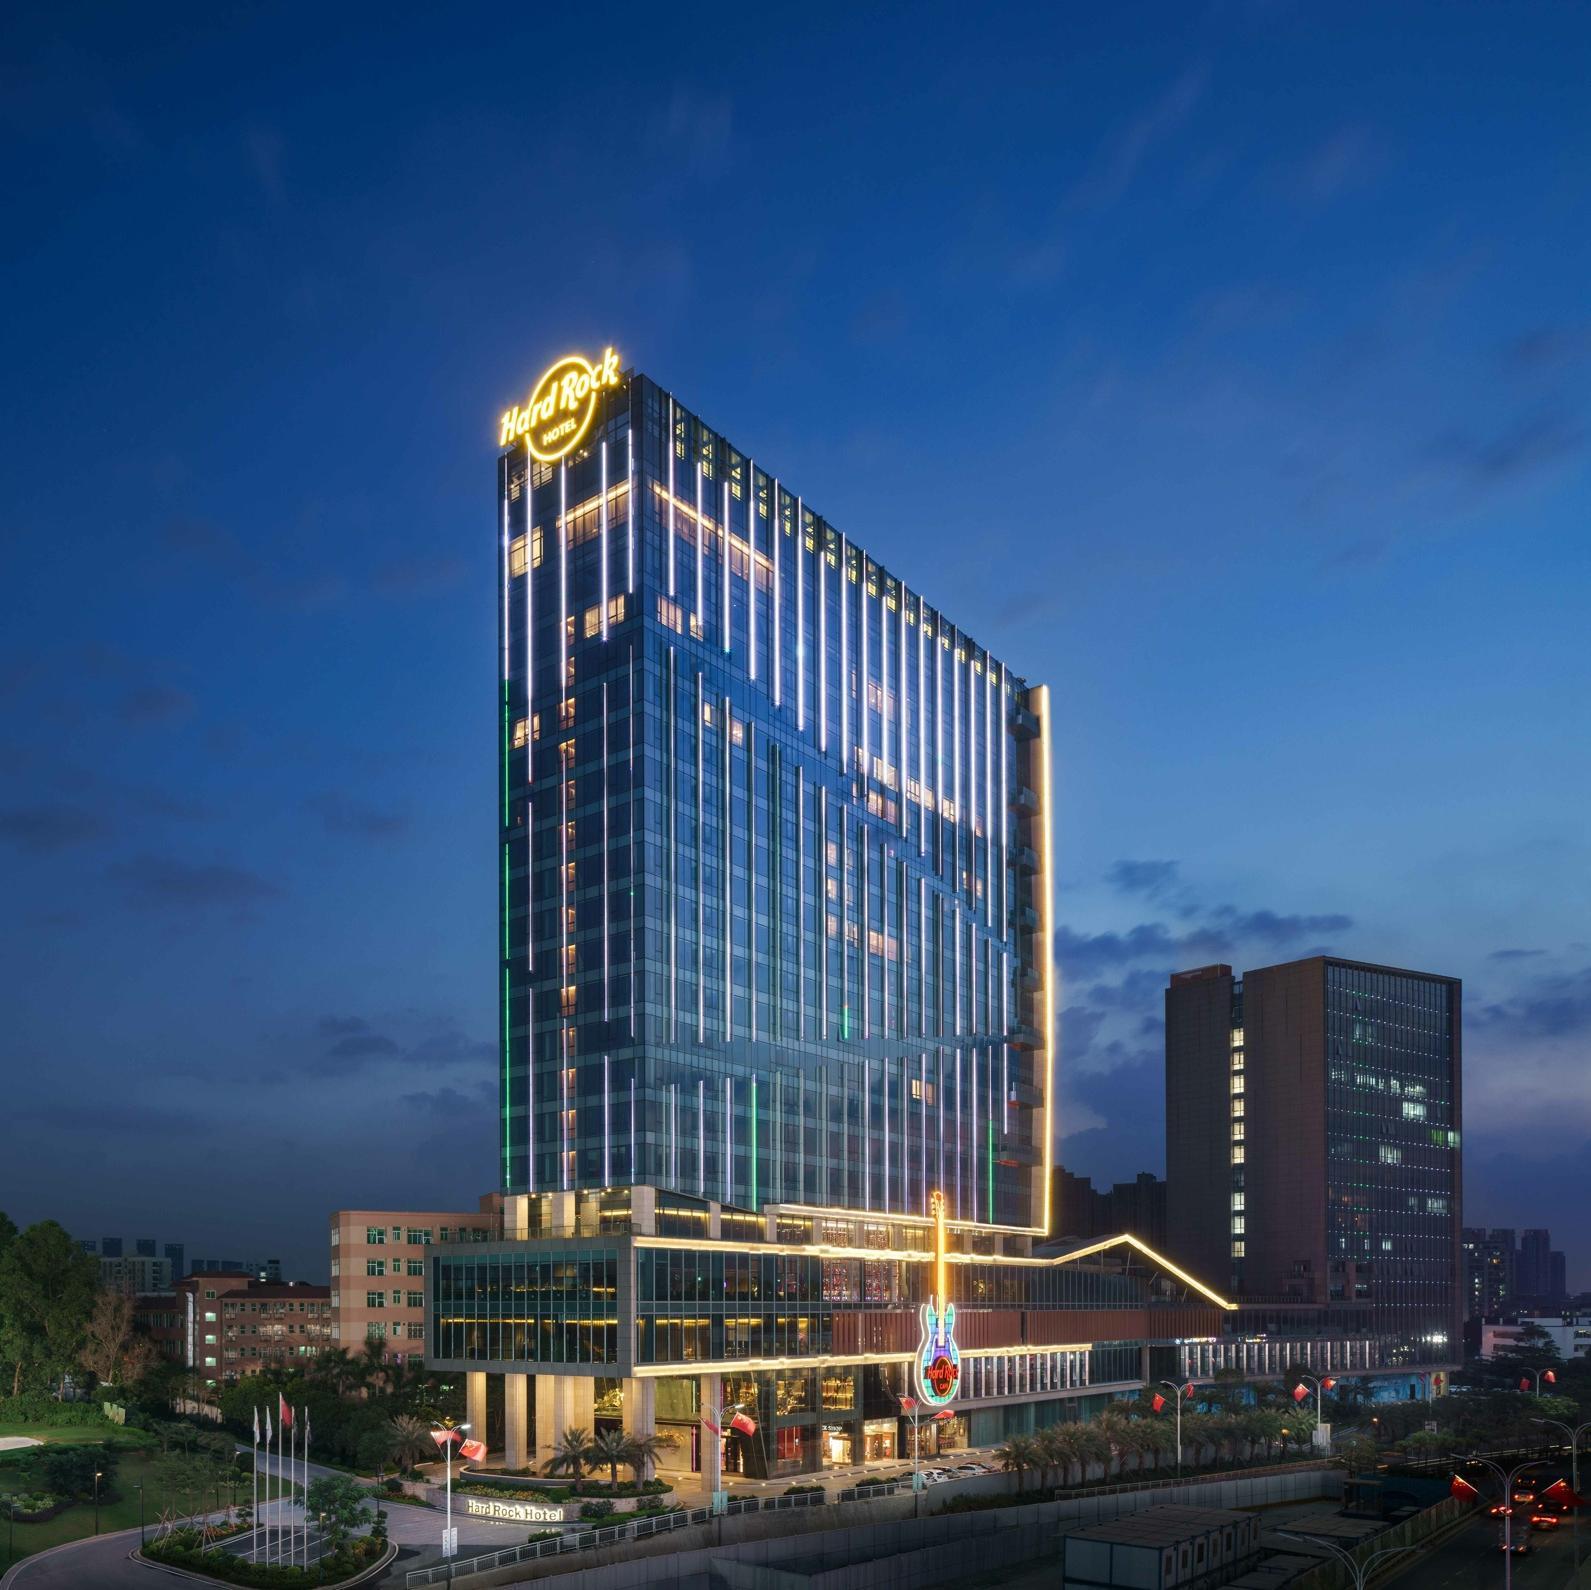 深圳观澜湖硬石酒店